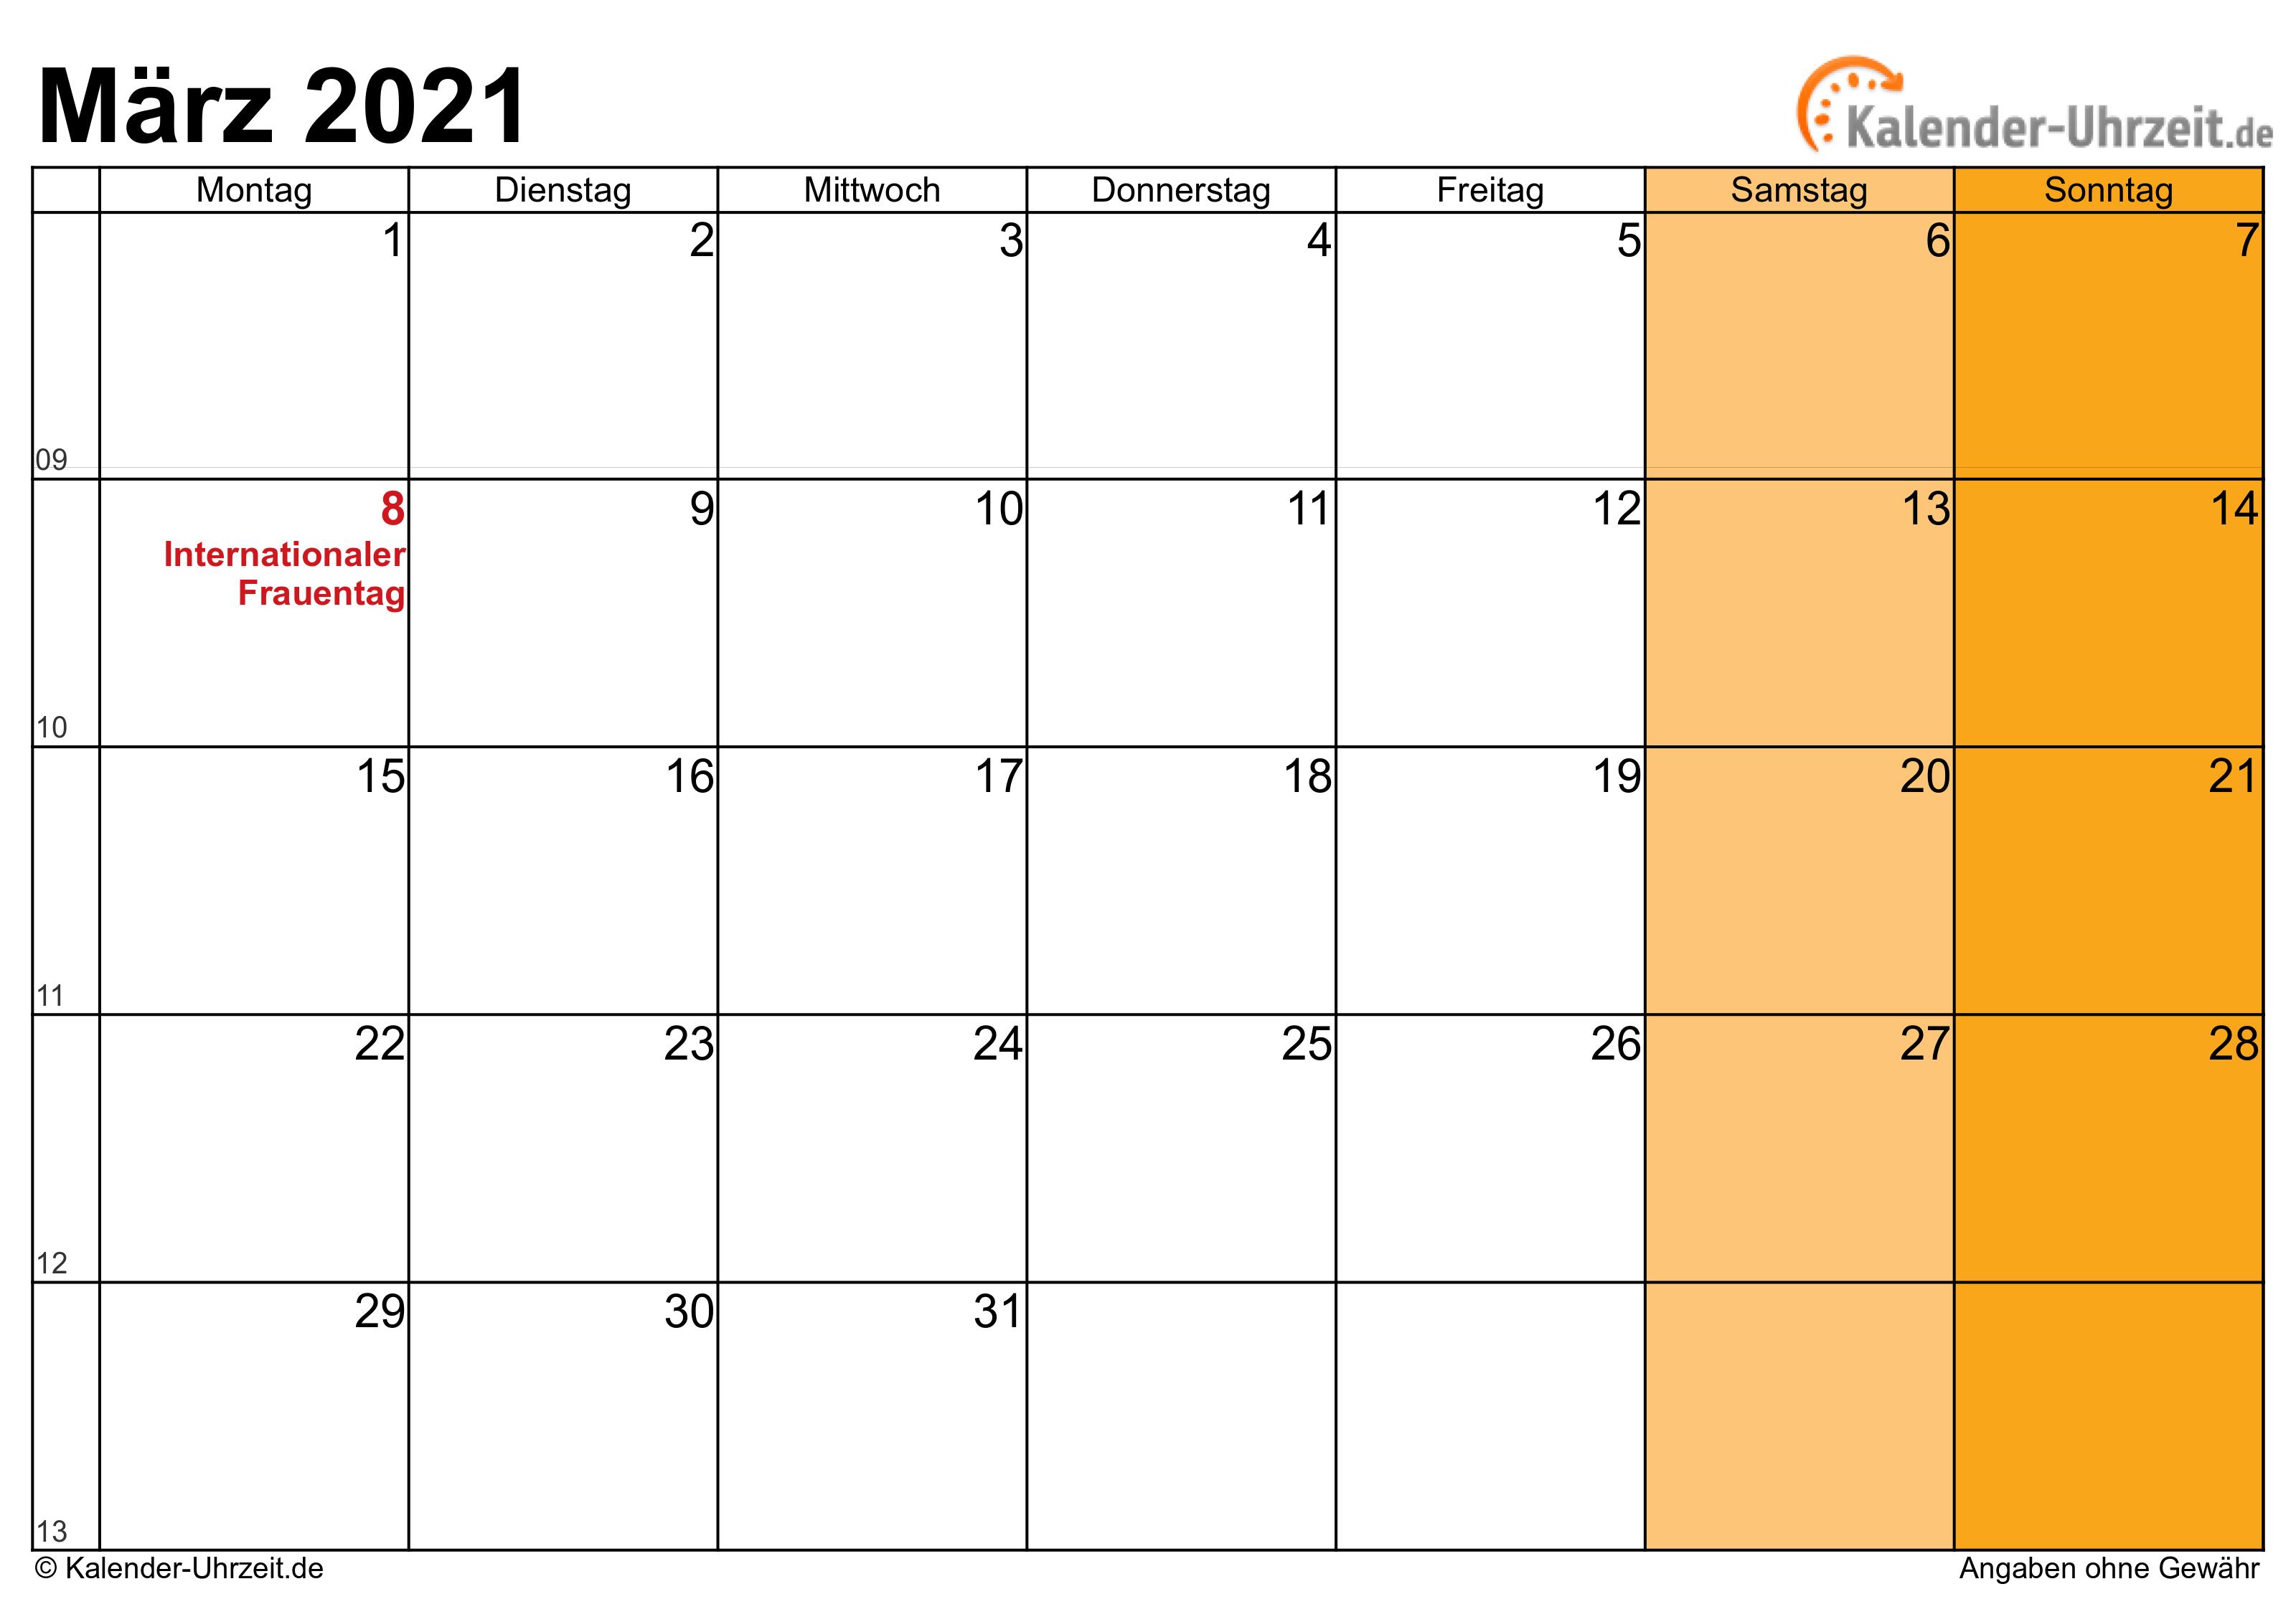 März 2021 Kalender mit Feiertagen